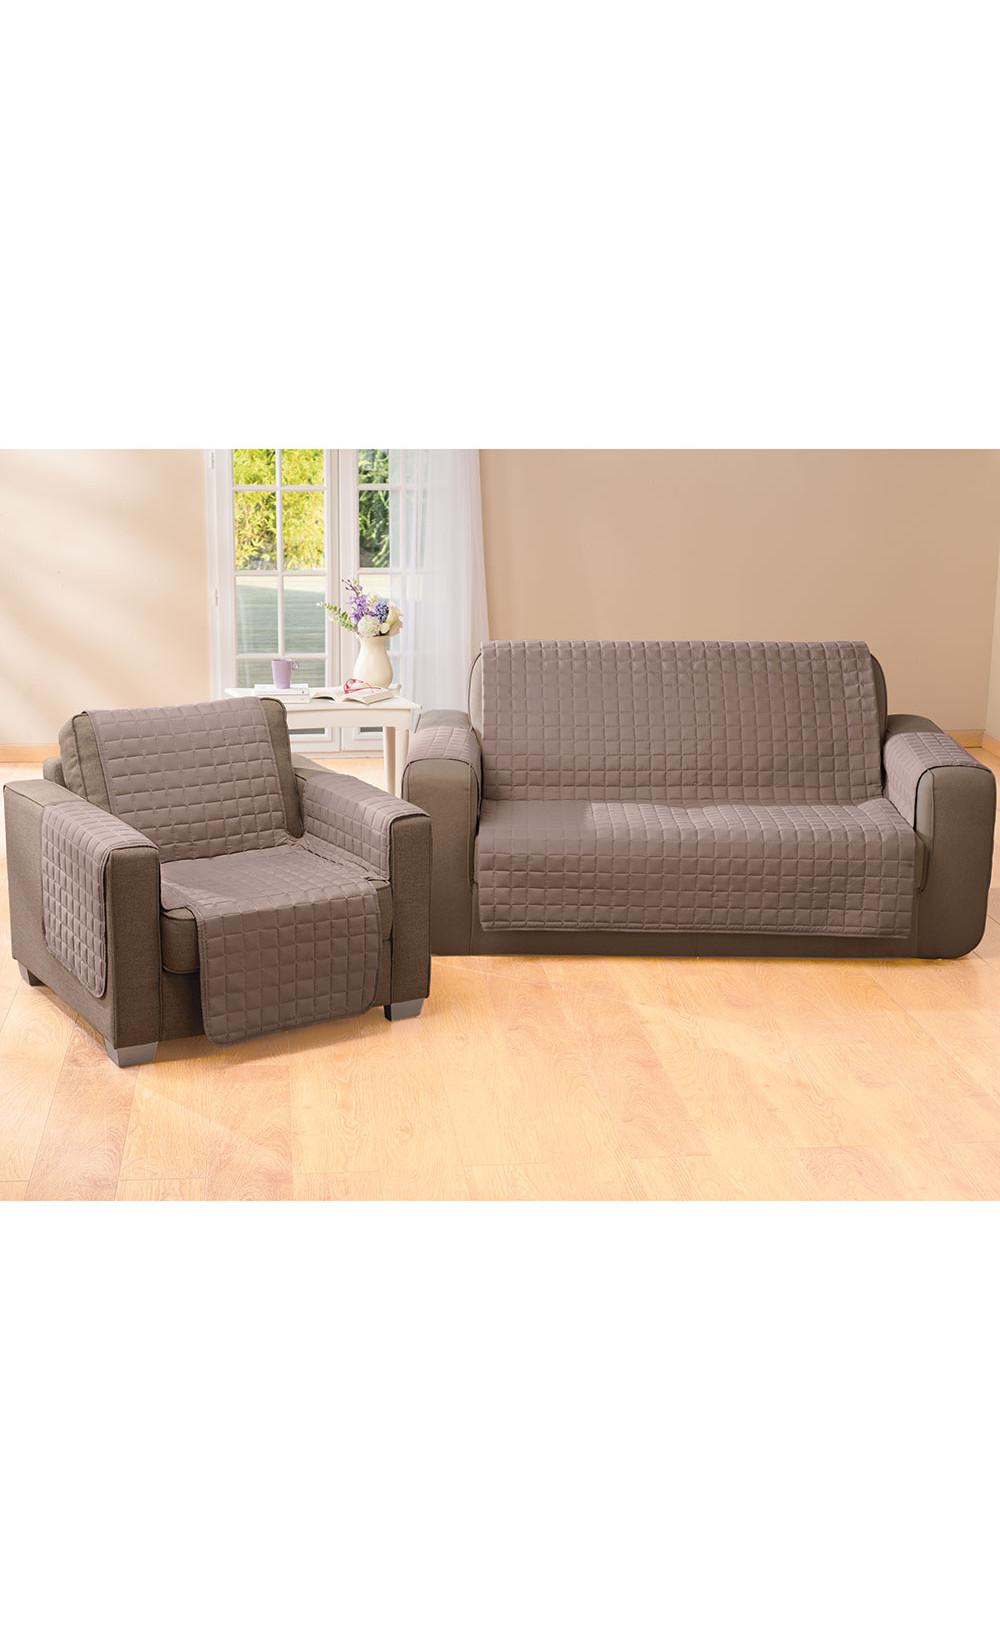 protège-fauteuil ou canapé - REGINE